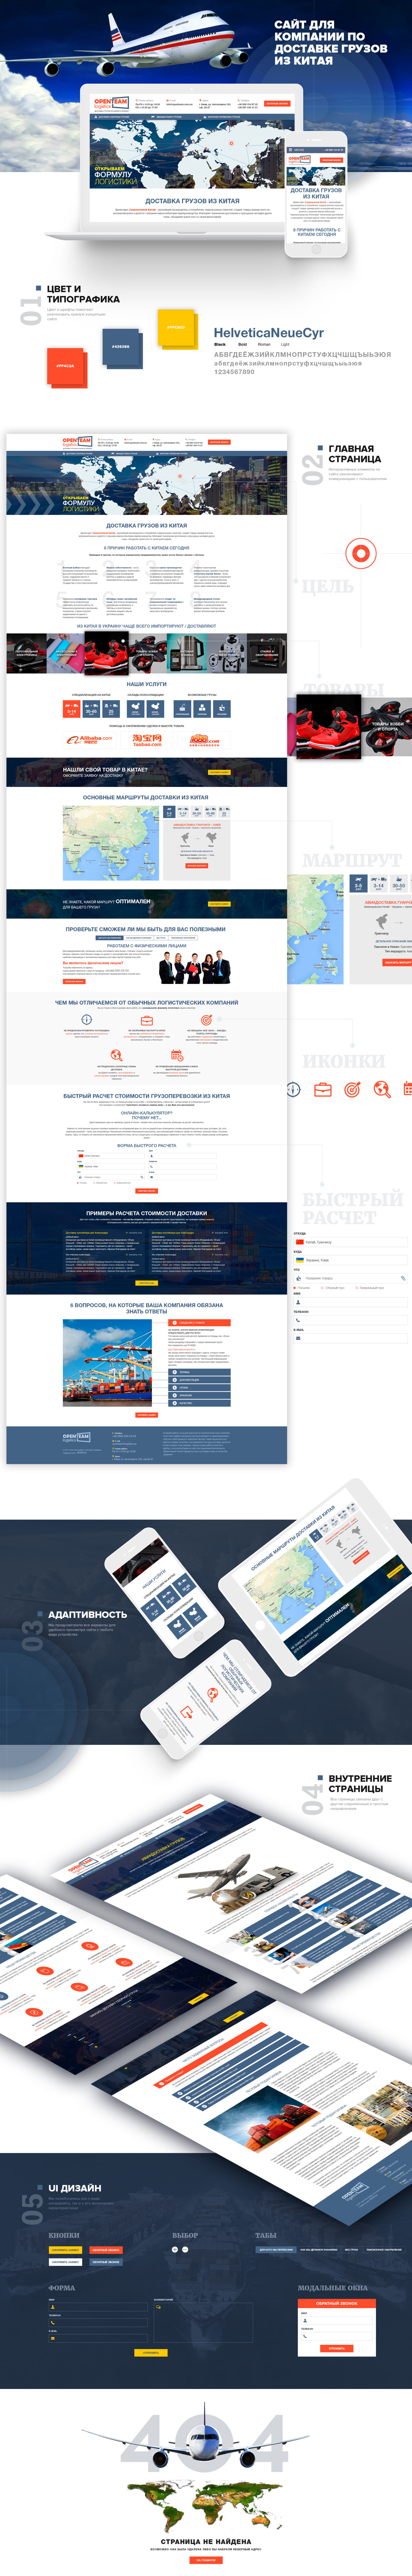 для компании по доставке грузов из Китая OpenTeam